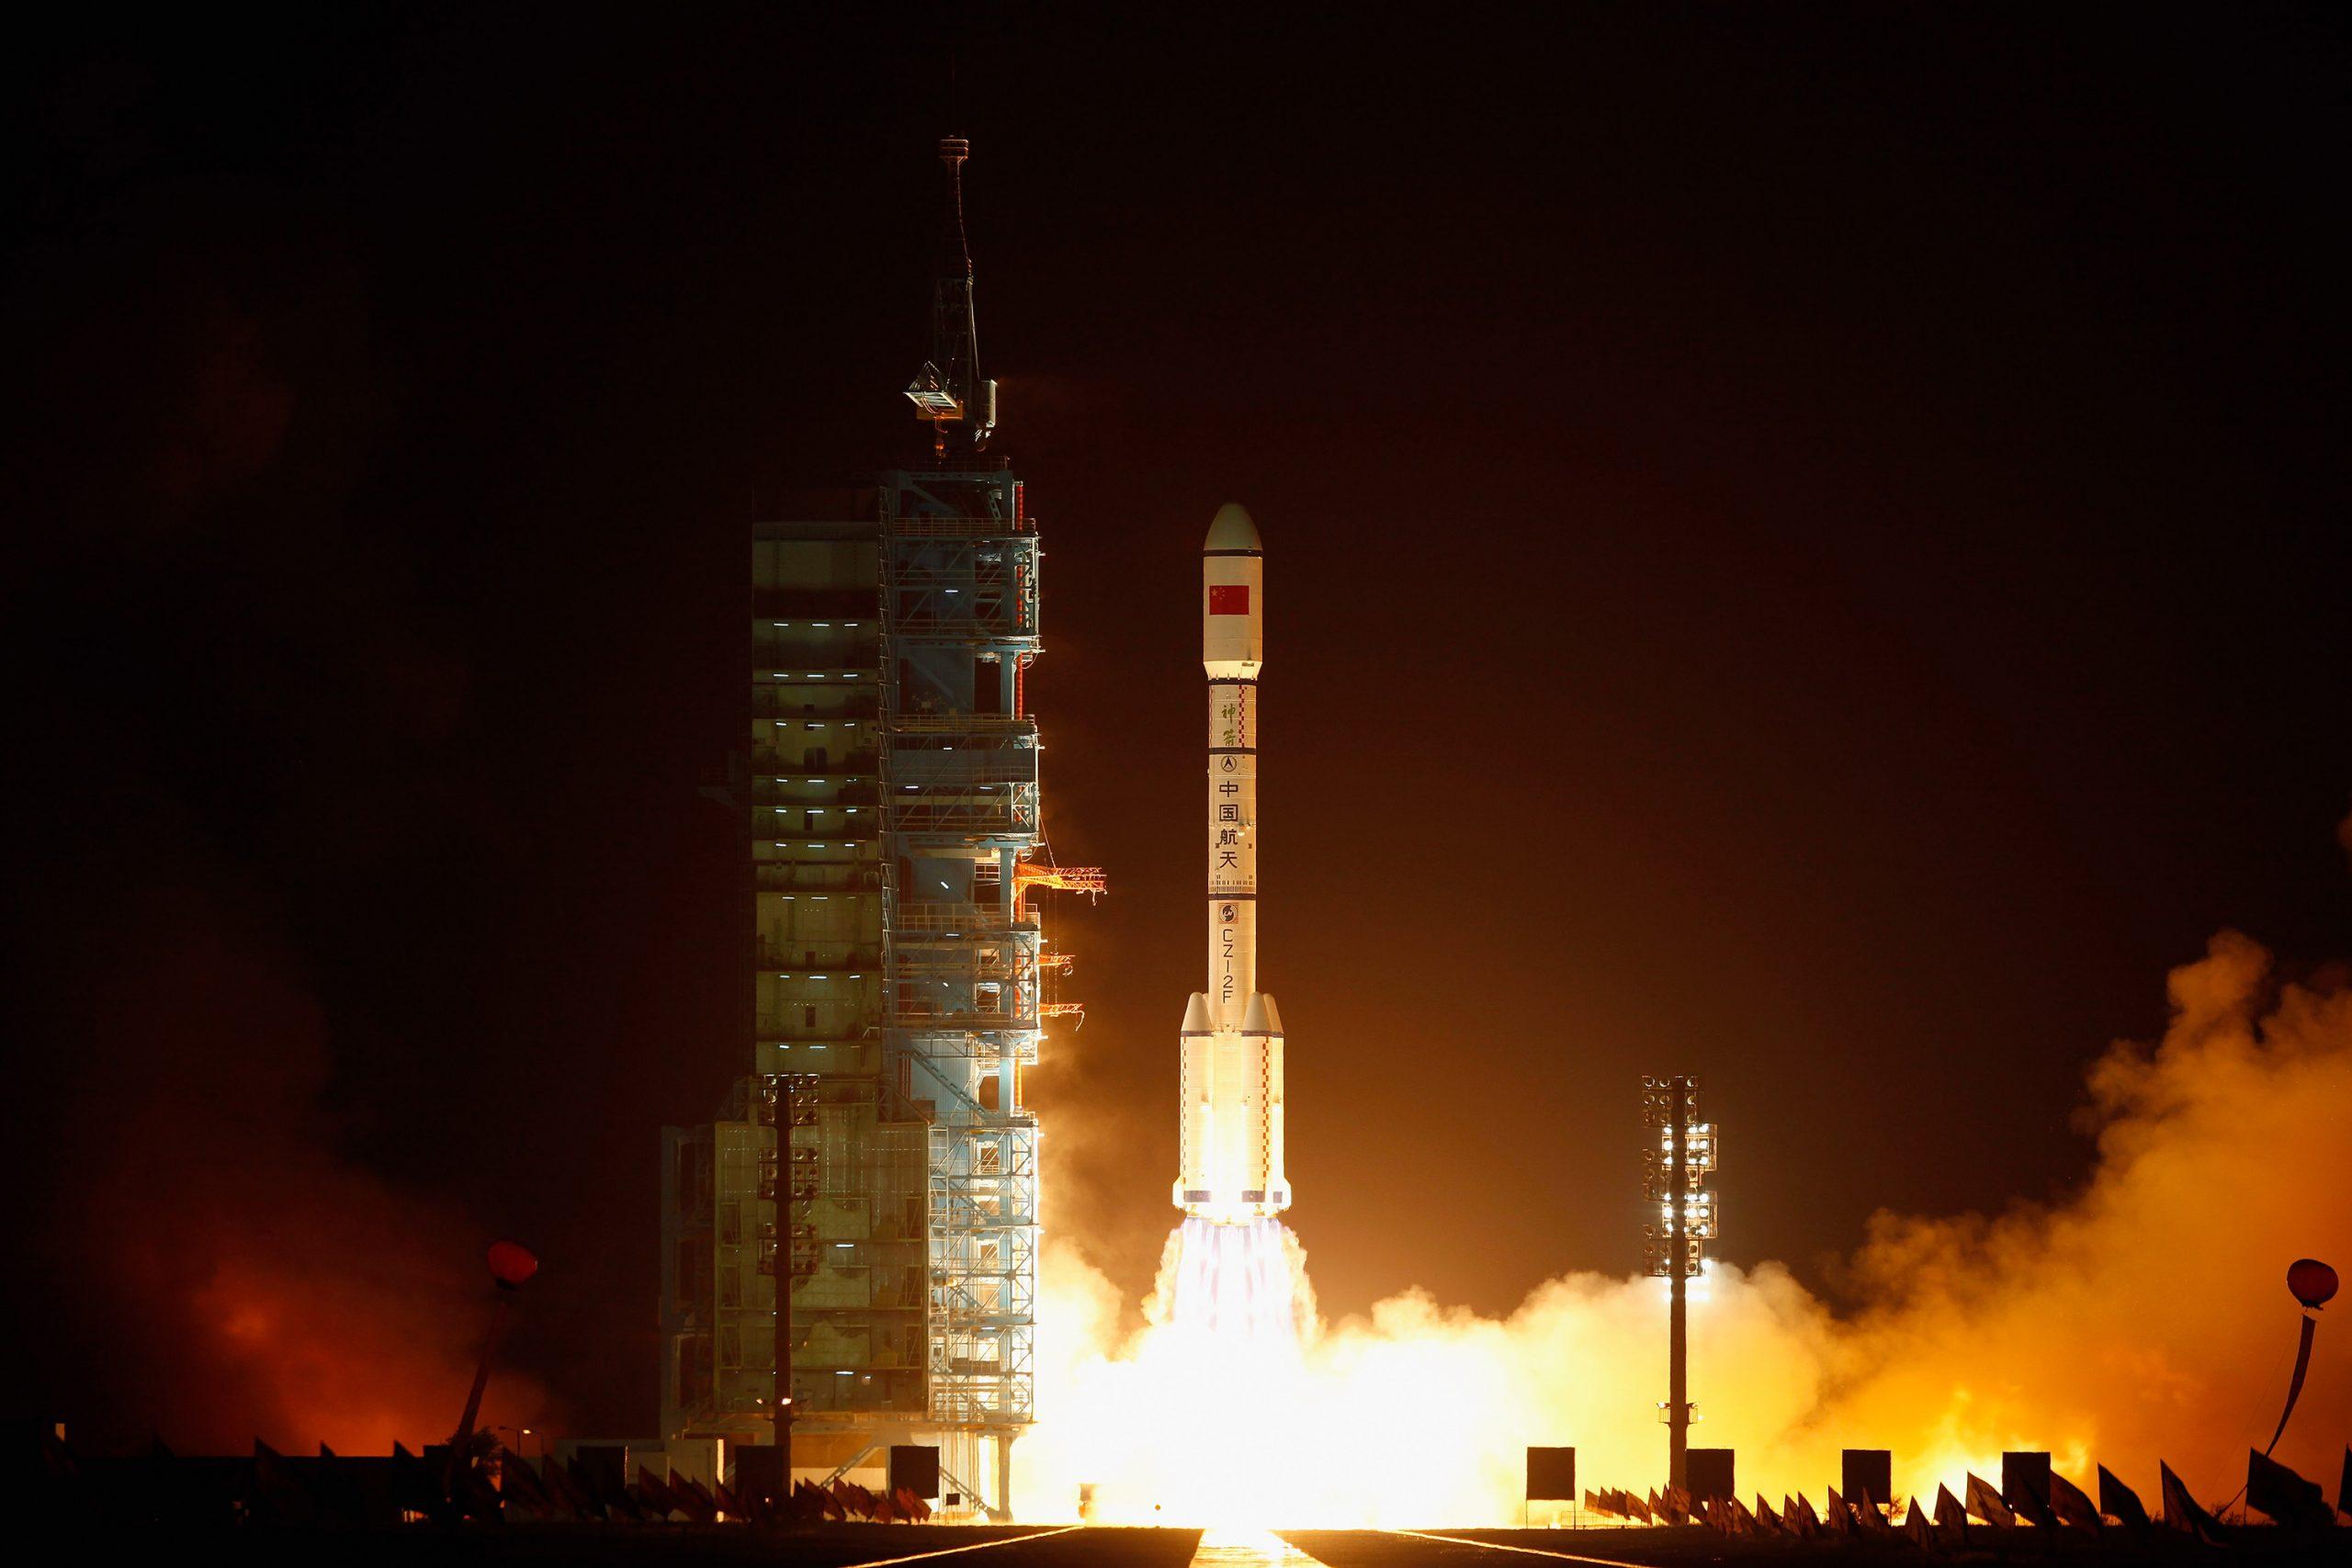 中国、再使用型宇宙船の打ち上げ・回収に成功か?